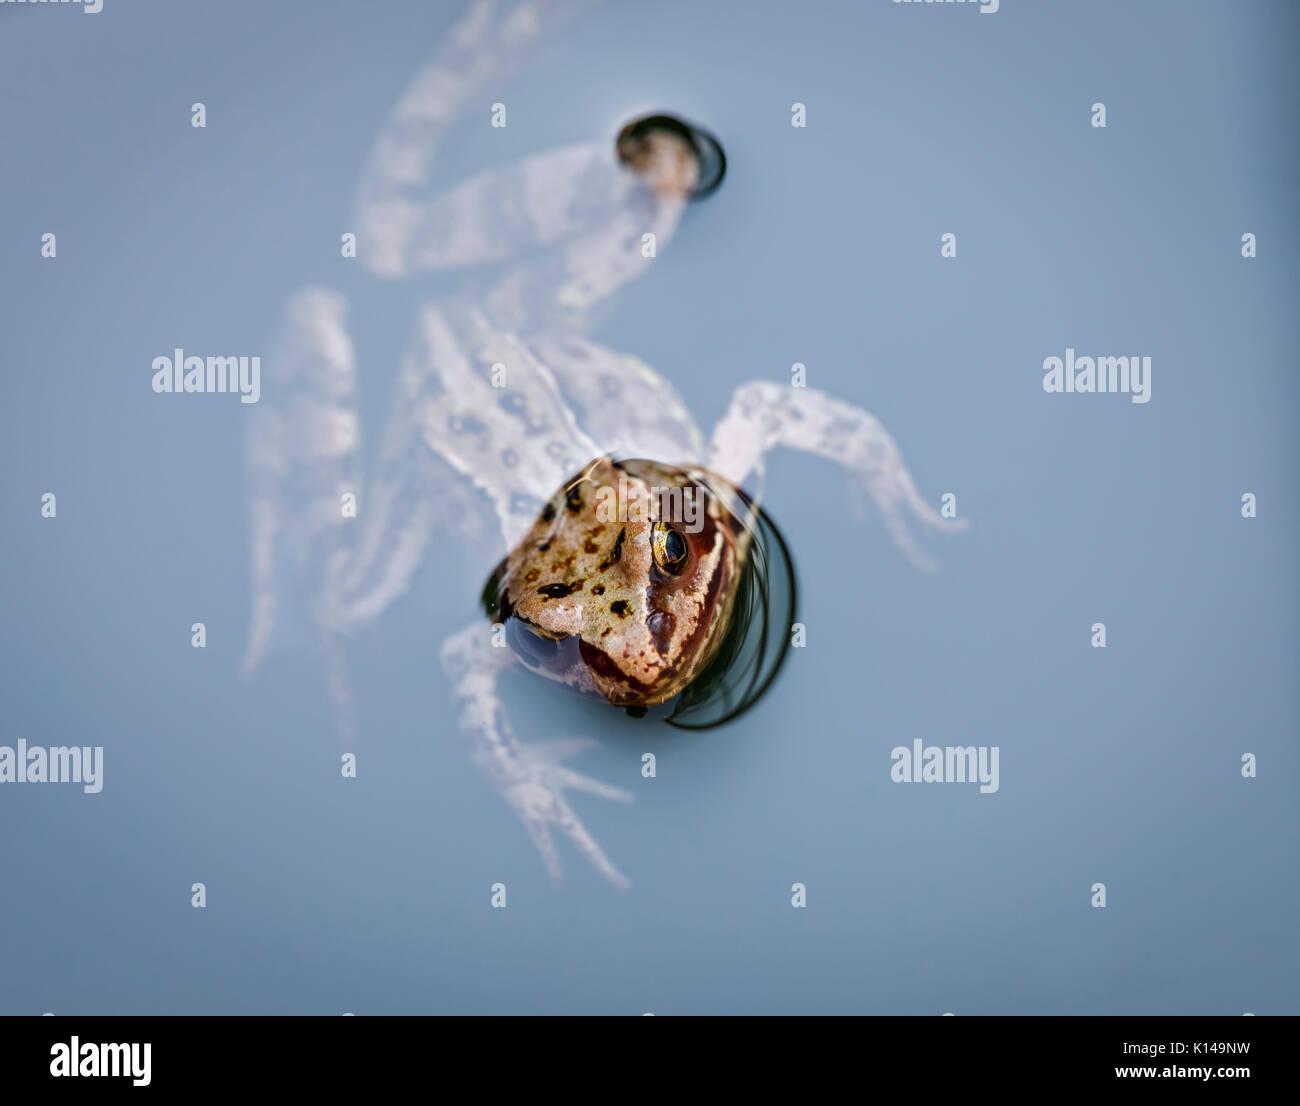 Testa di una politica europea comune in marrone, di rana temporaria Rana, nuoto in acqua, Surrey, sud-est dell'Inghilterra, Regno Unito, close-up Immagini Stock